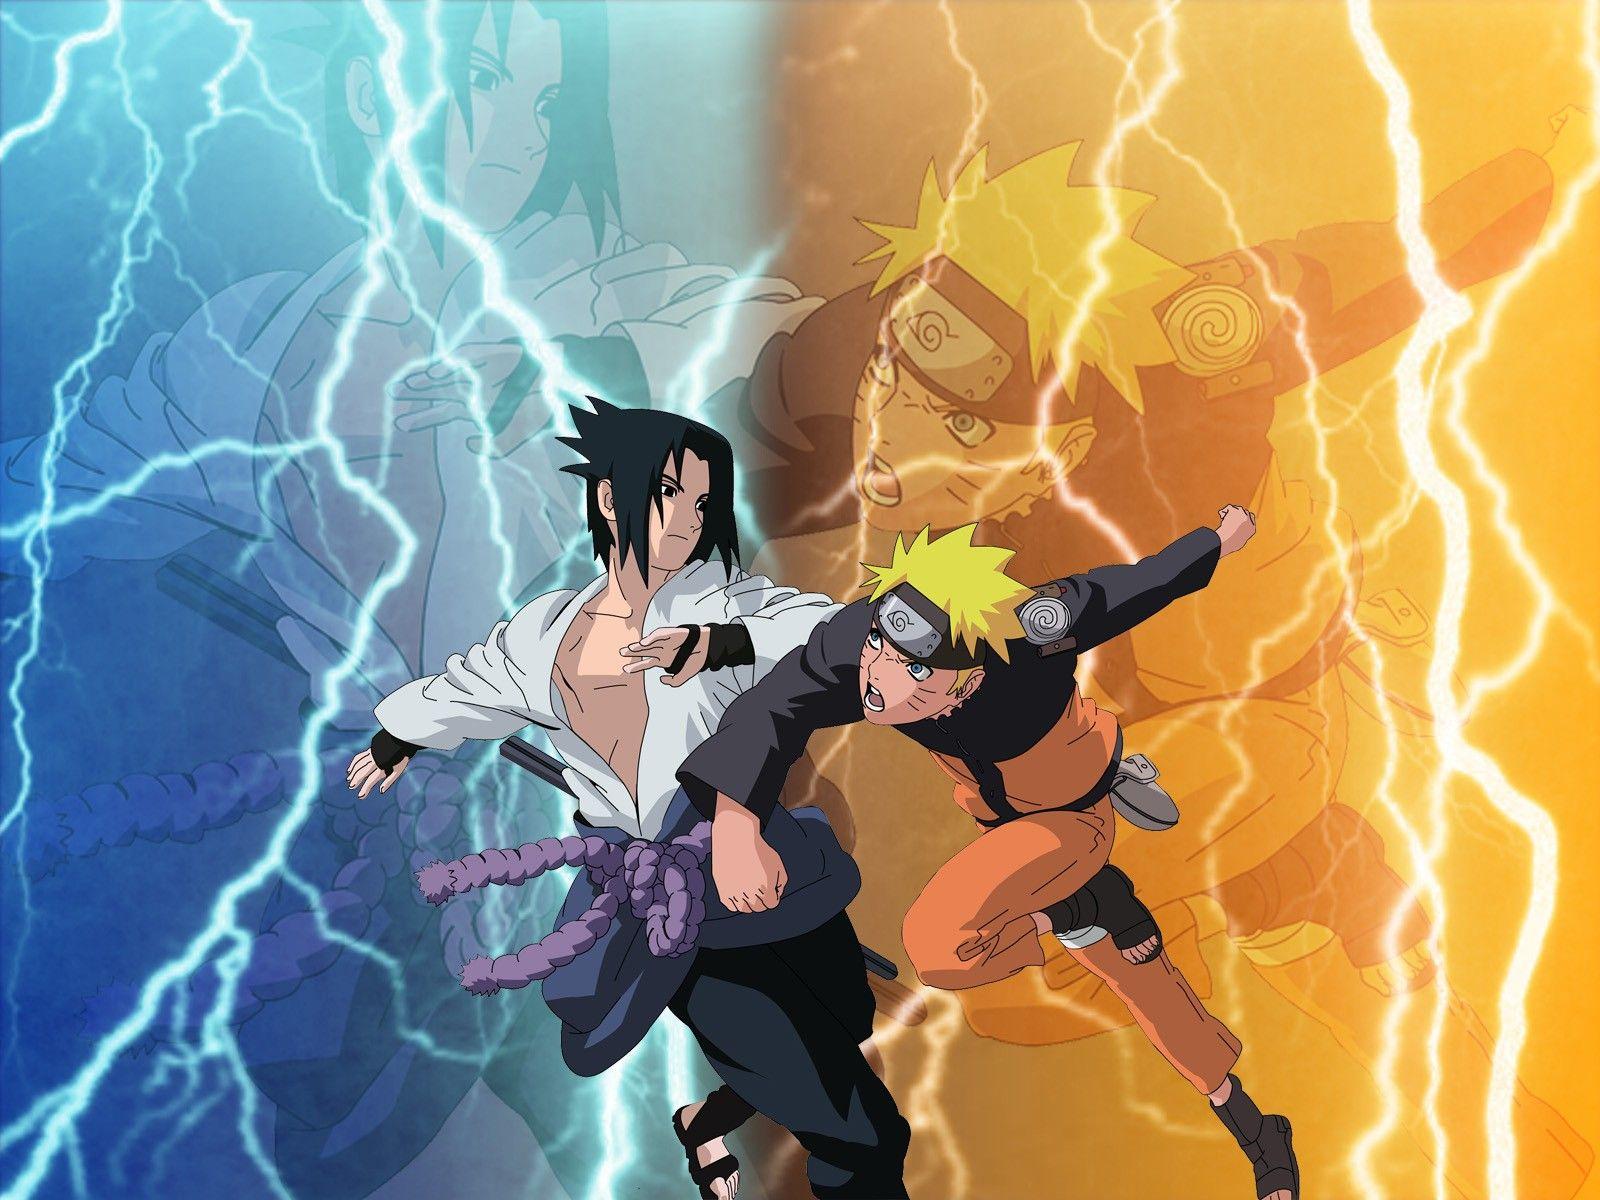 Gambar Foto Naruto Vs Sasuke Berubah Keren Gambar Kata